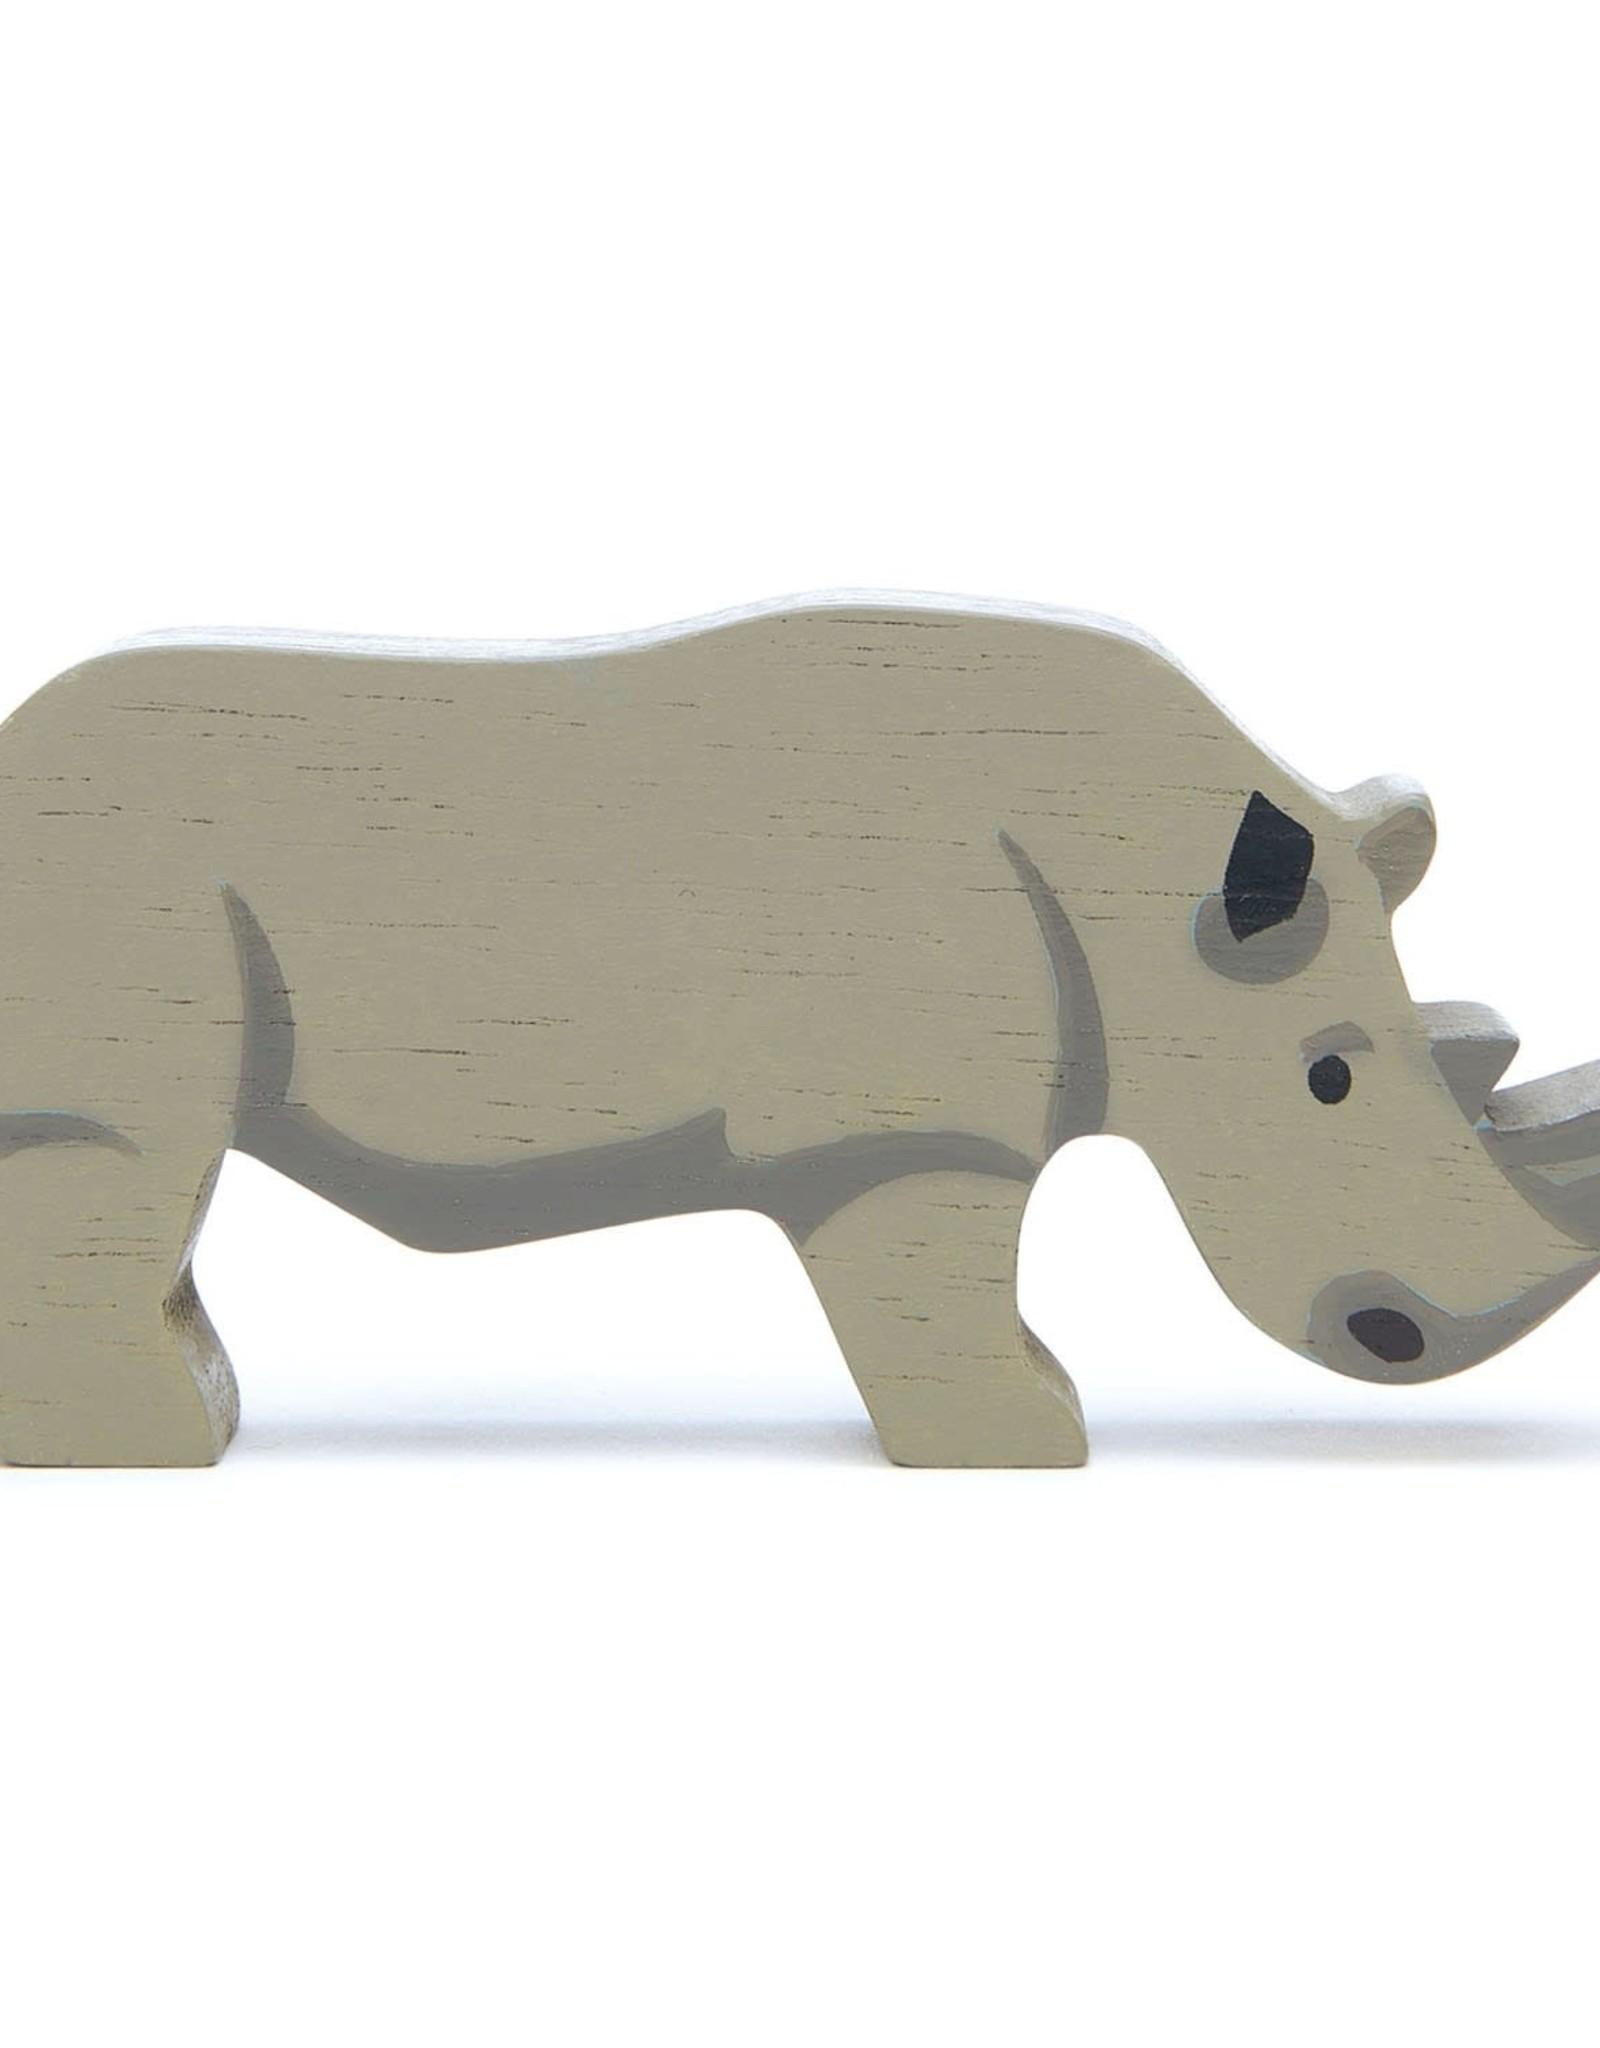 Tender Leaf Toys Tender Leaf Wooden Rhinoceros